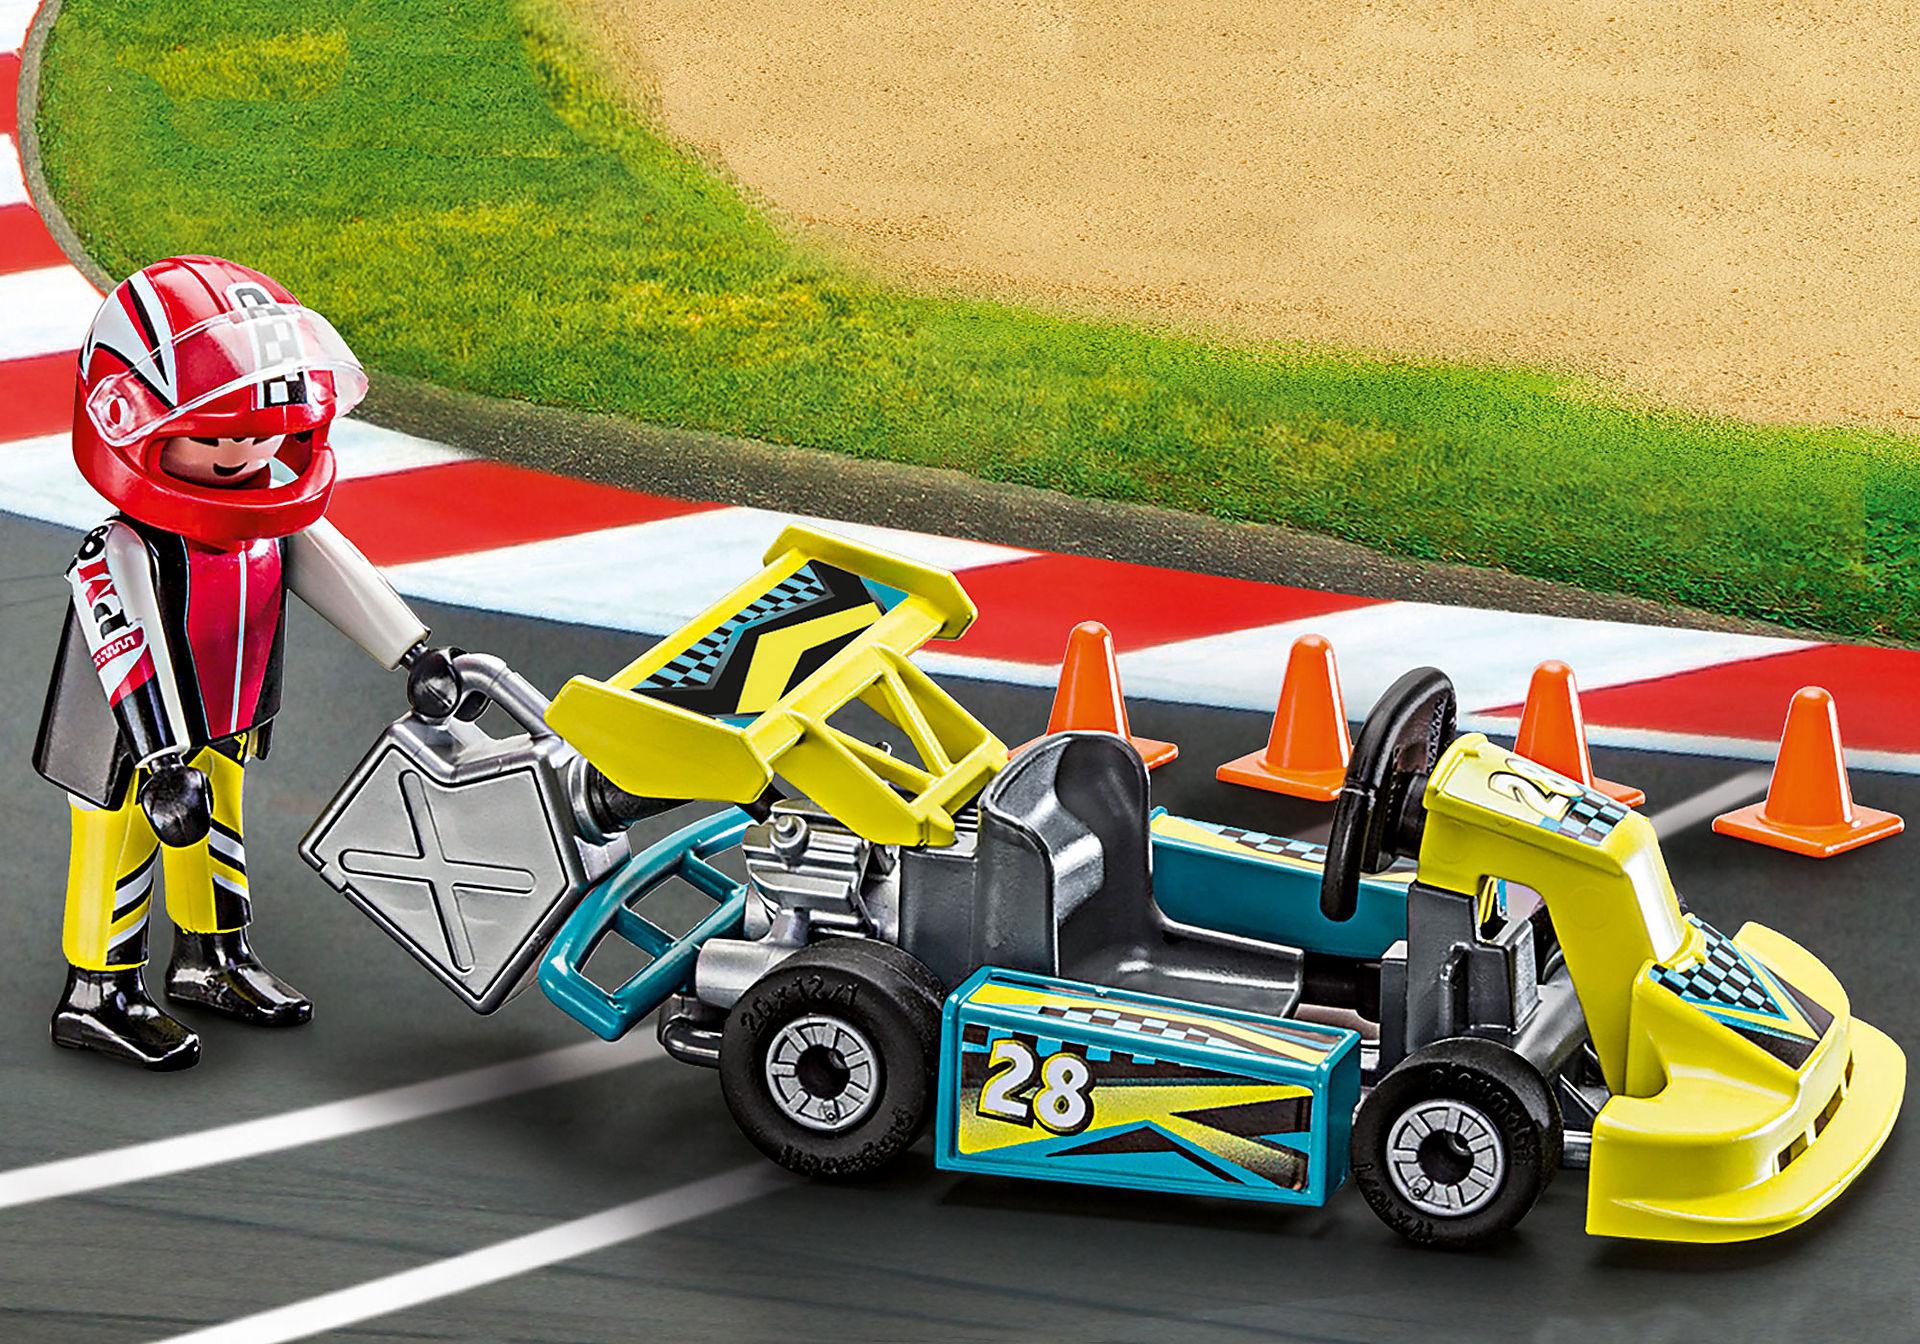 GO-KART RACER CARRY CASE 9322